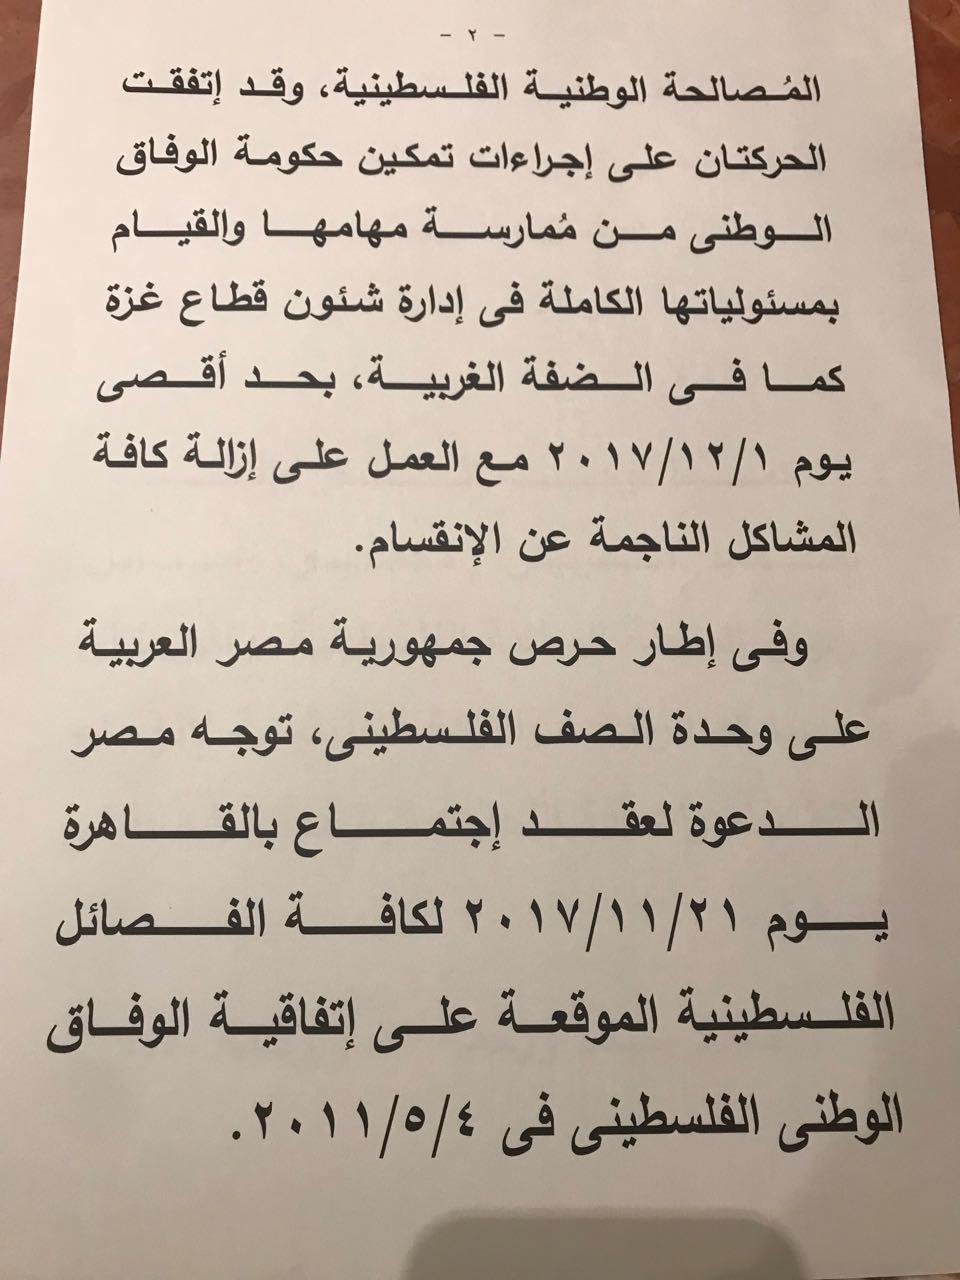 وثيقة الاتفاق بين حماس وفتح